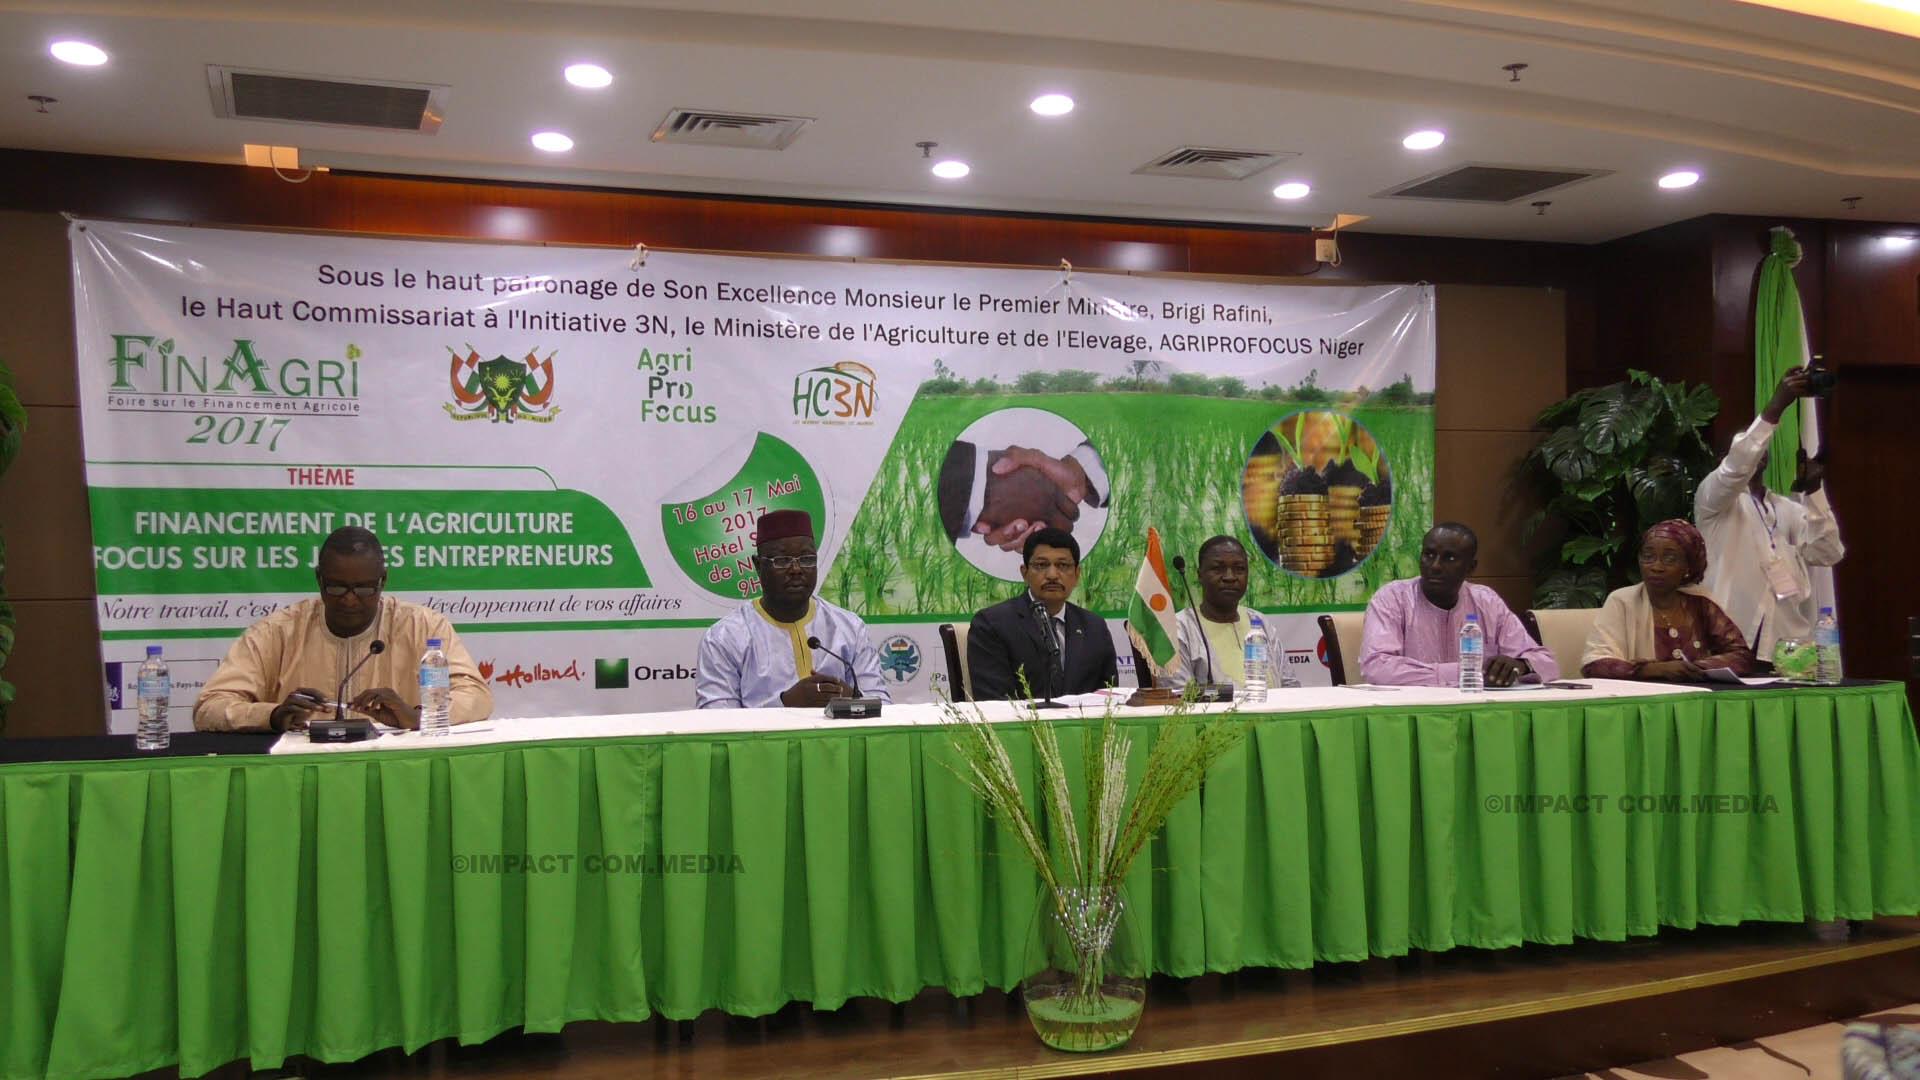 La foire agricole pour promouvoir l'accès au financement aux entrepreneurs fait son bilan